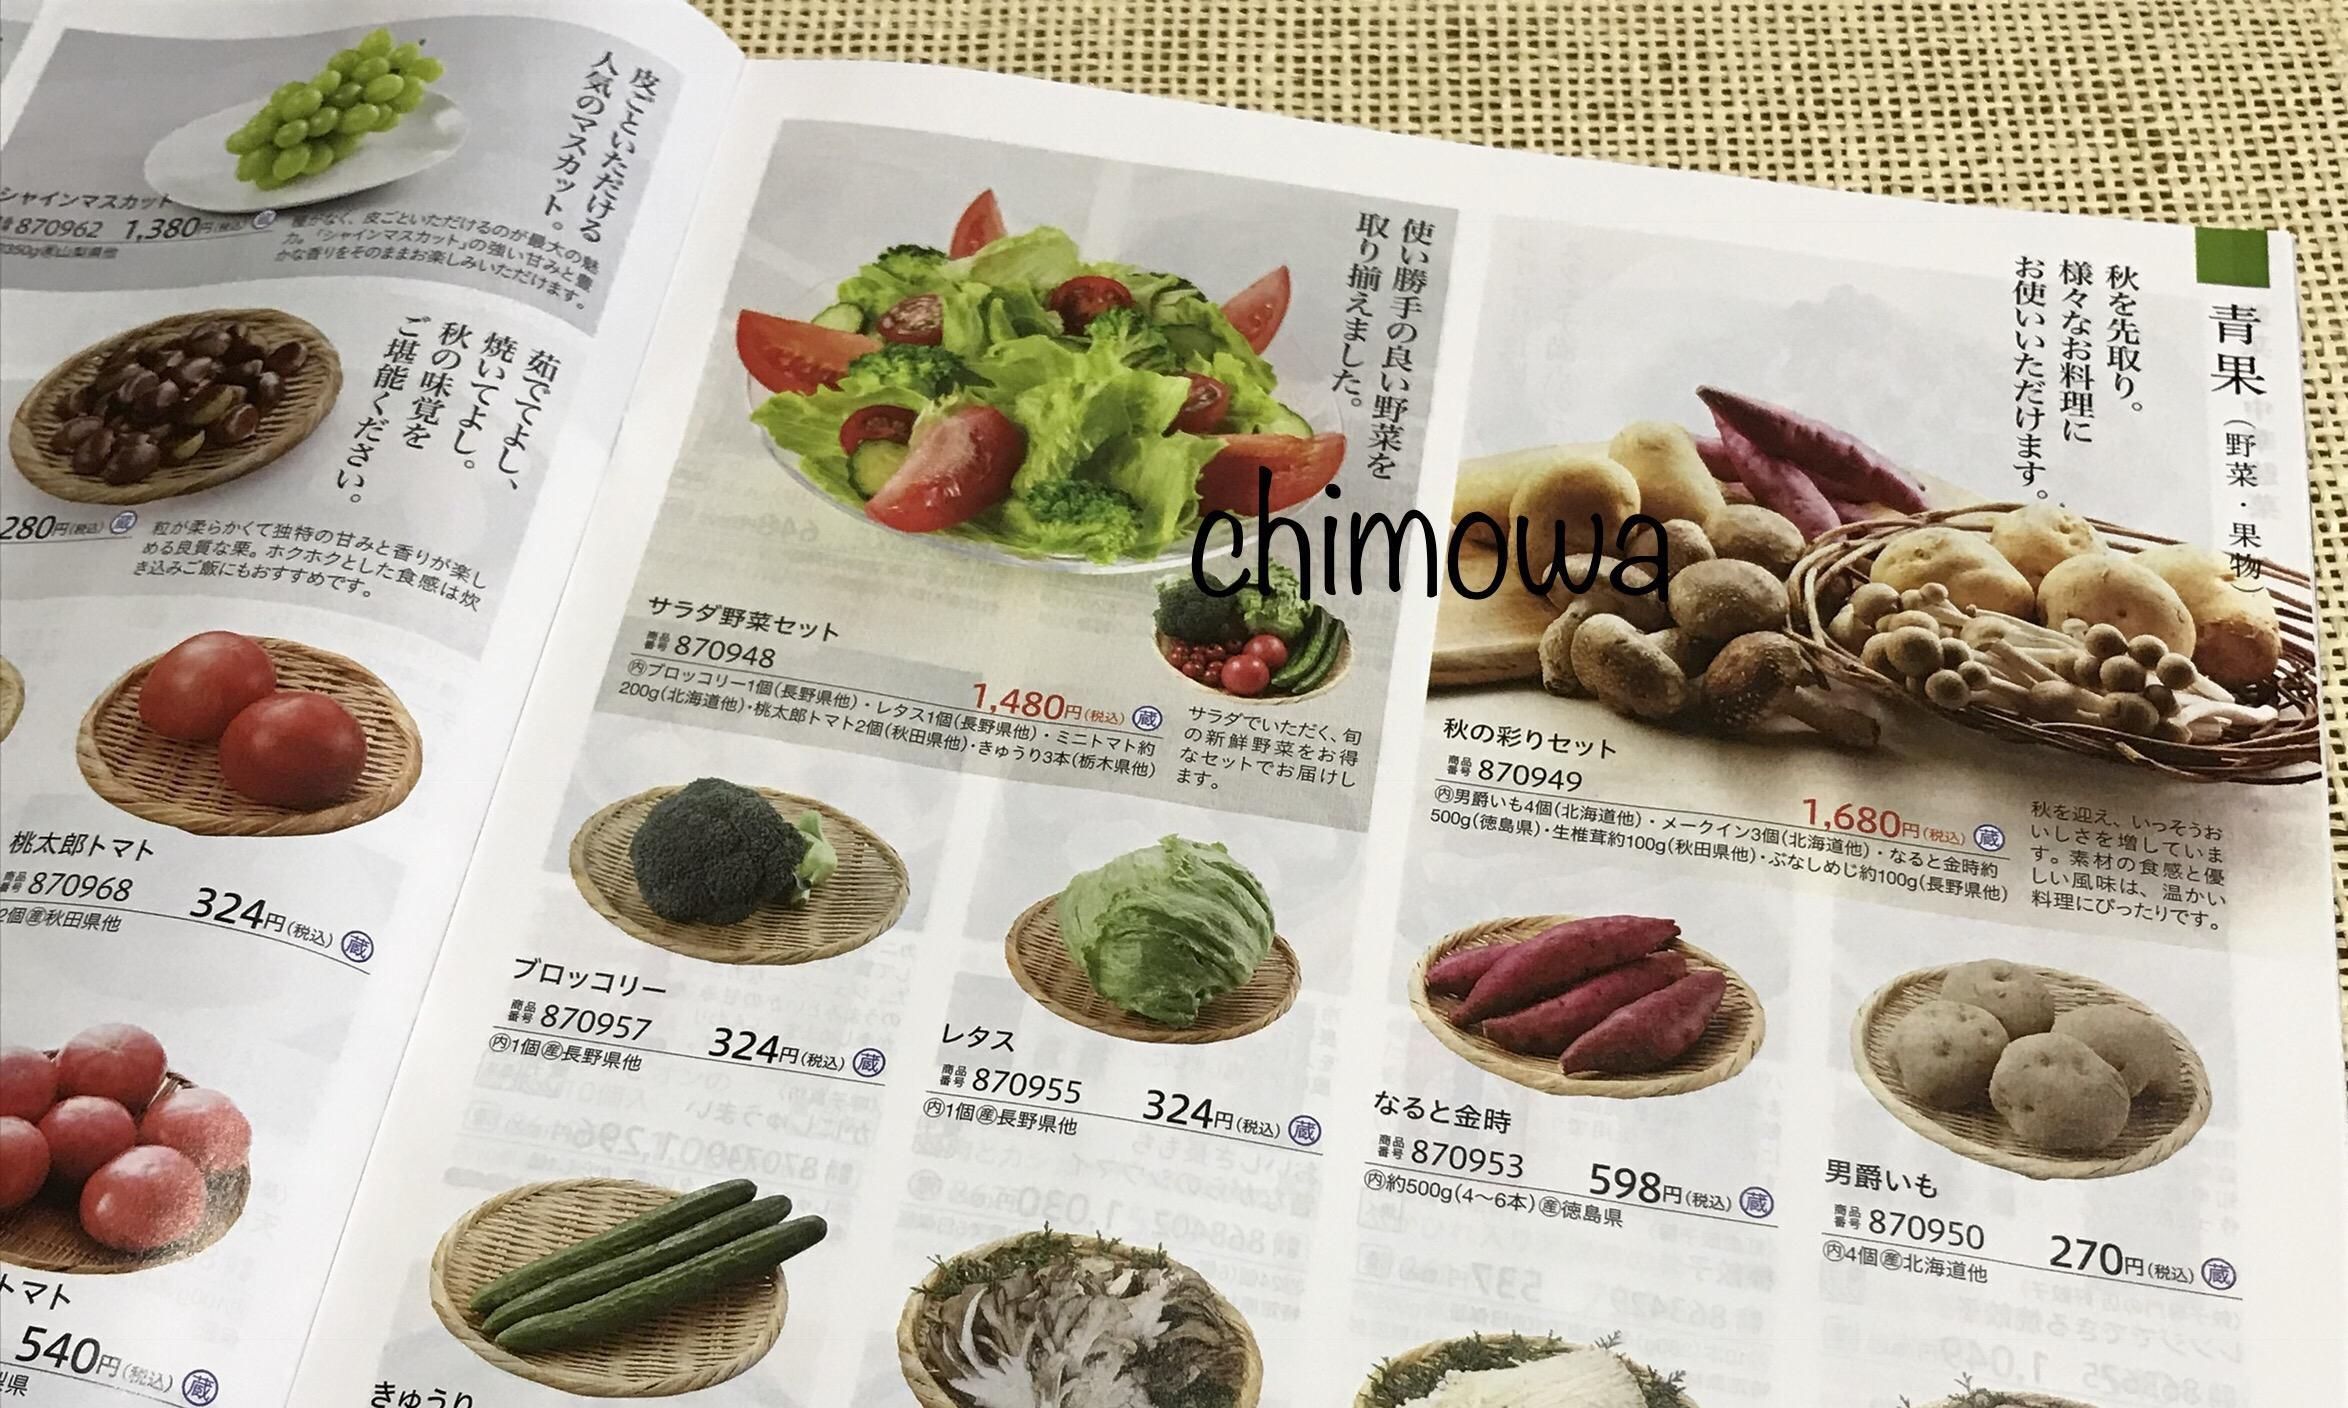 高島屋ローズキッチンカタログ「青果(野菜・果物)」ページの写真